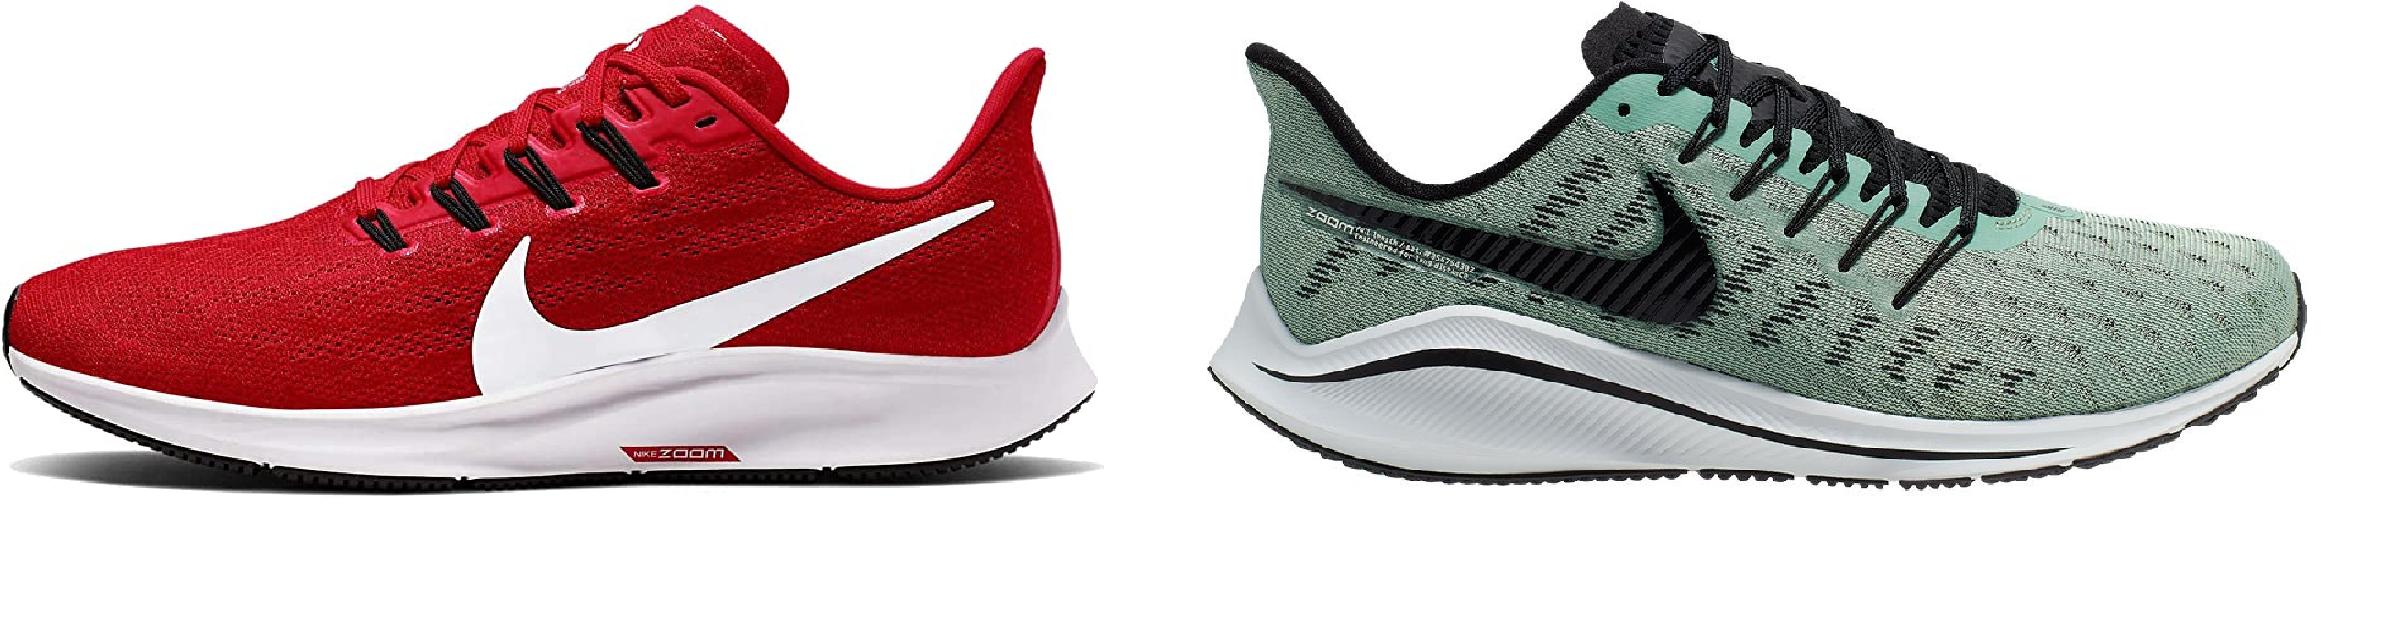 Nike Pegasus vs. Nike Vomero